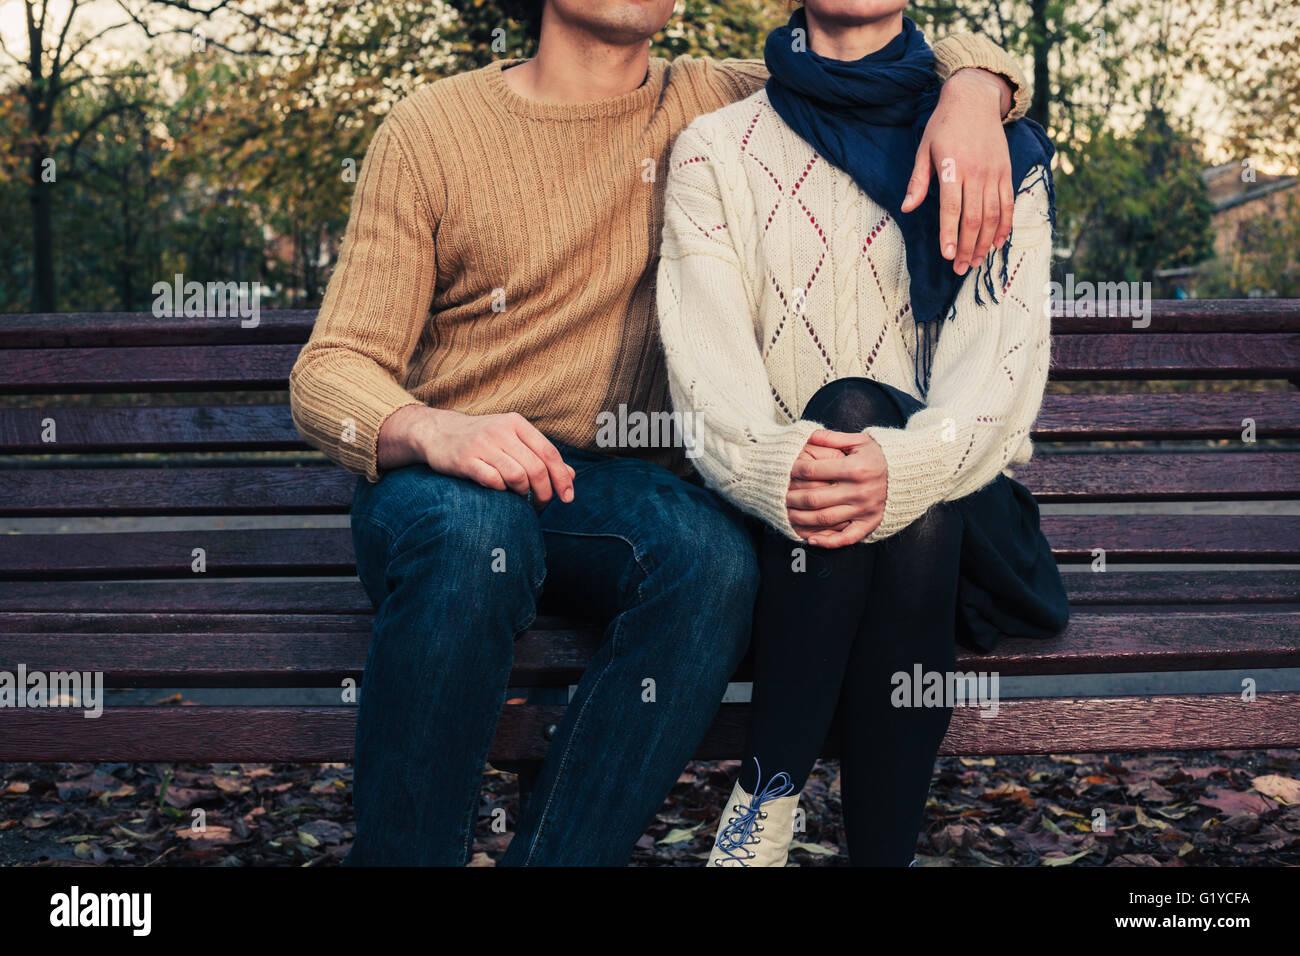 Un jeune couple est assis et se tenant sur un banc de parc en automne Photo Stock